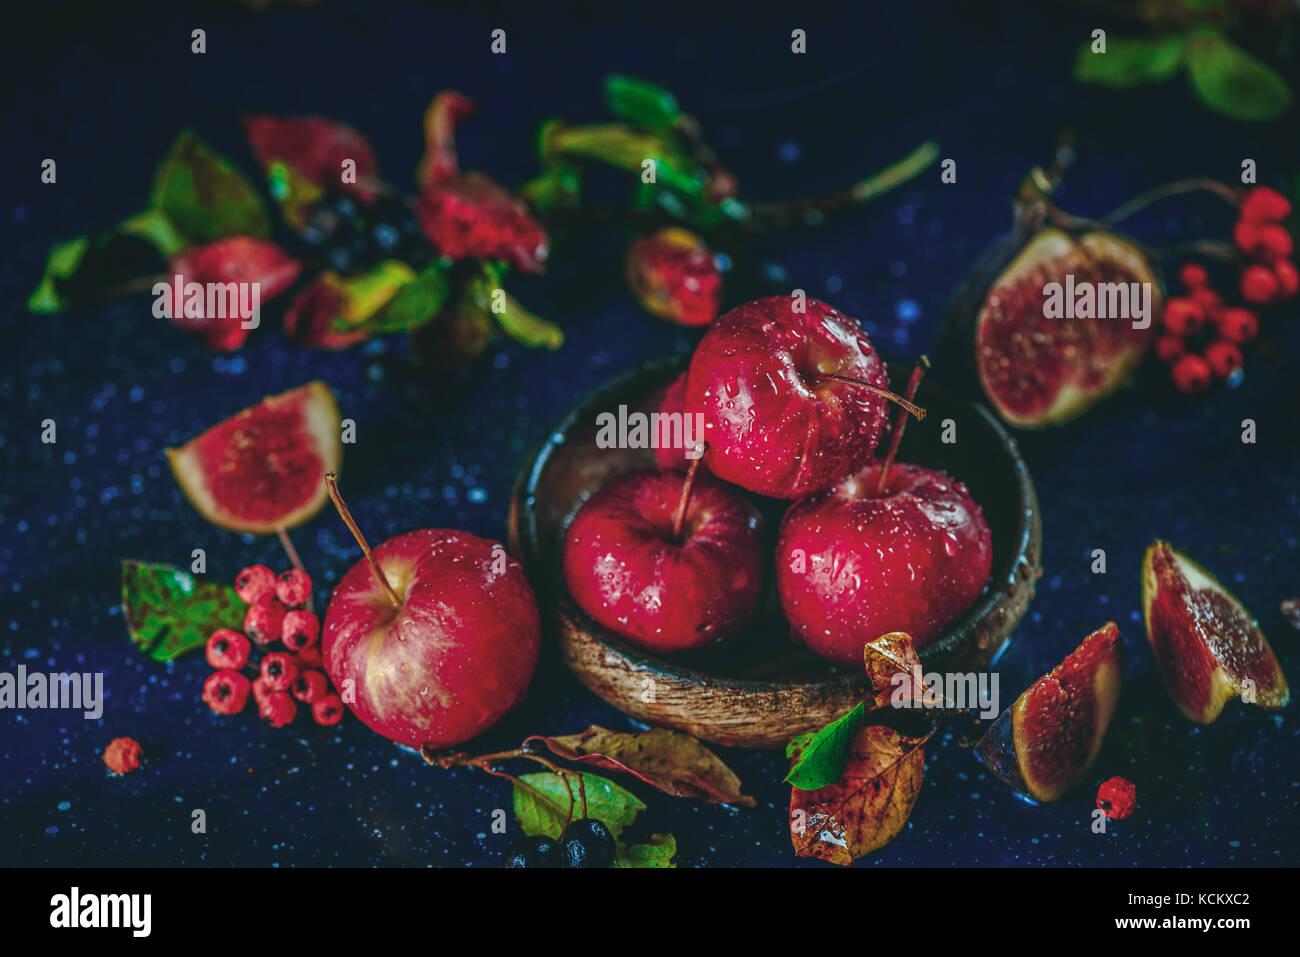 Mature mele dolci in un piatto di legno close-up di un autunno ancora in vita con caduta foglie. raccolto autunnale Immagini Stock